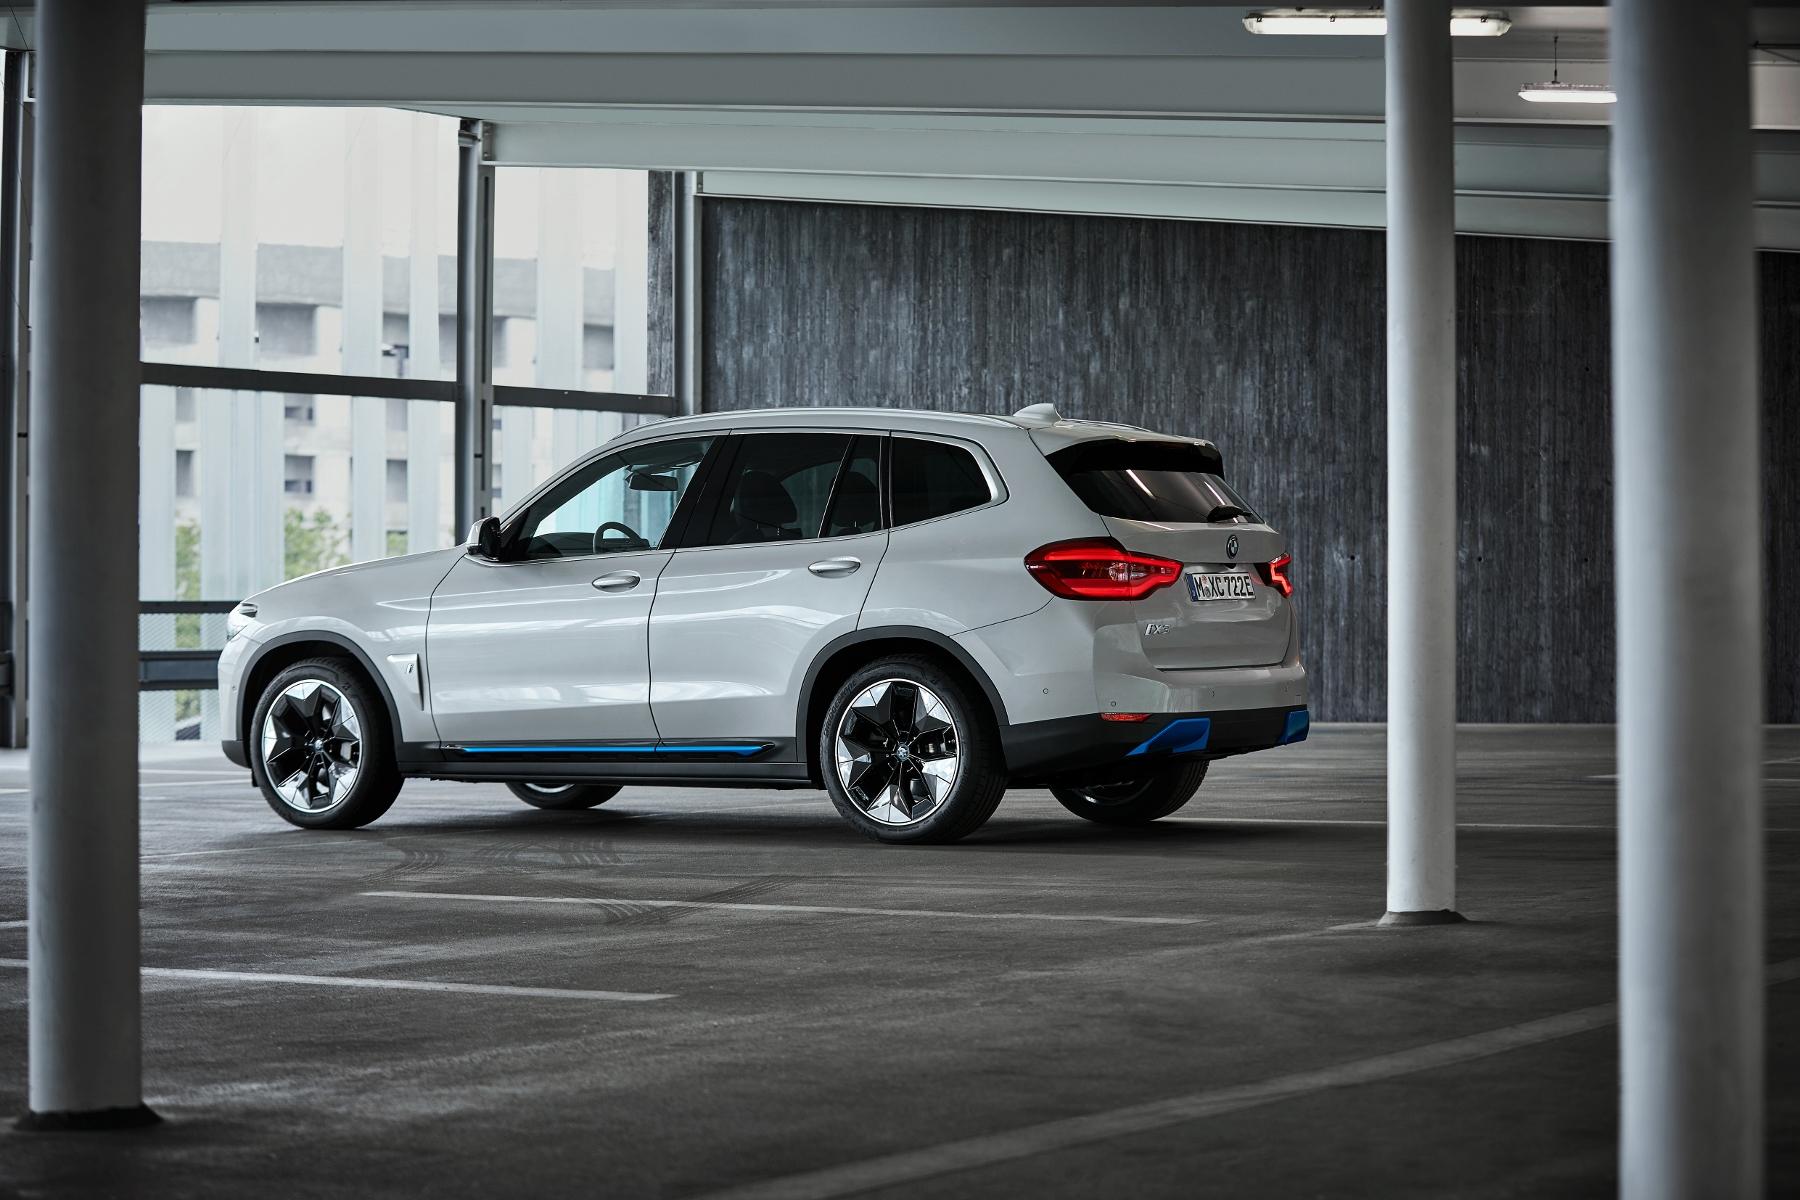 BMW ukázalo elektrické SUV iX3 s dojazdom 459 km x65CCpEkl8 bmw-ix3-9